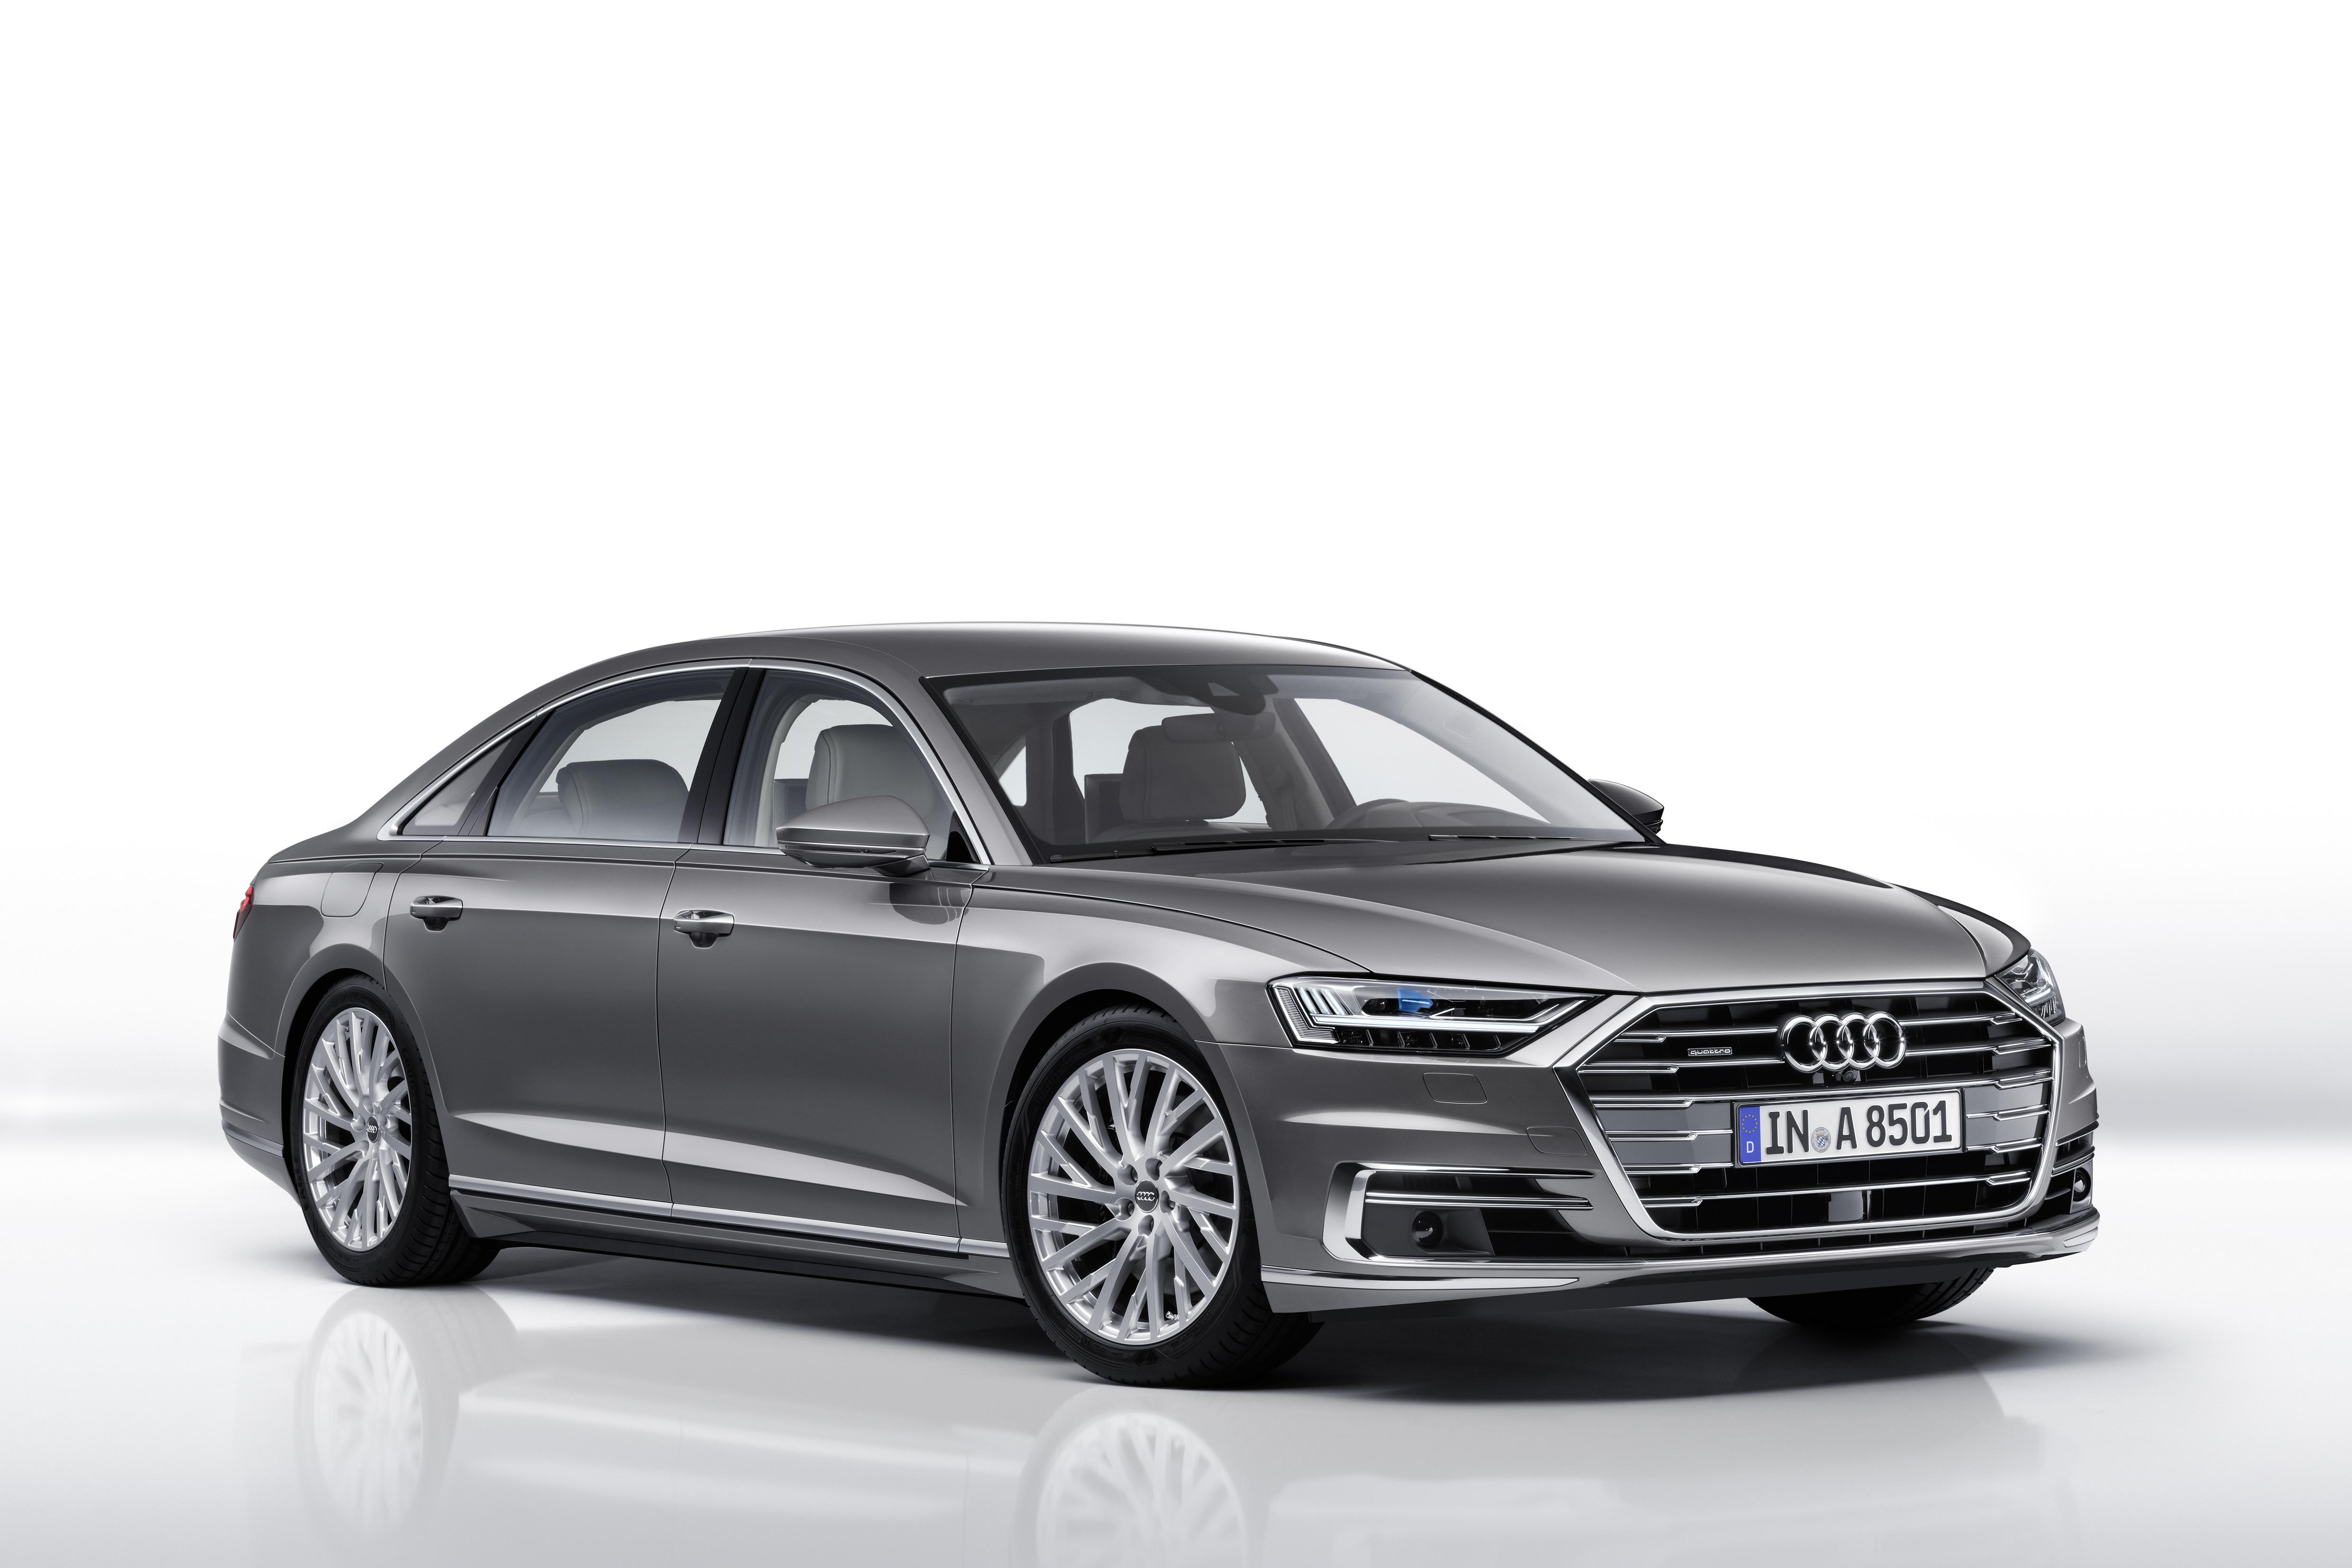 Le Mode Autonome De La Nouvelle Audi A8 S 232 Me La Confusion